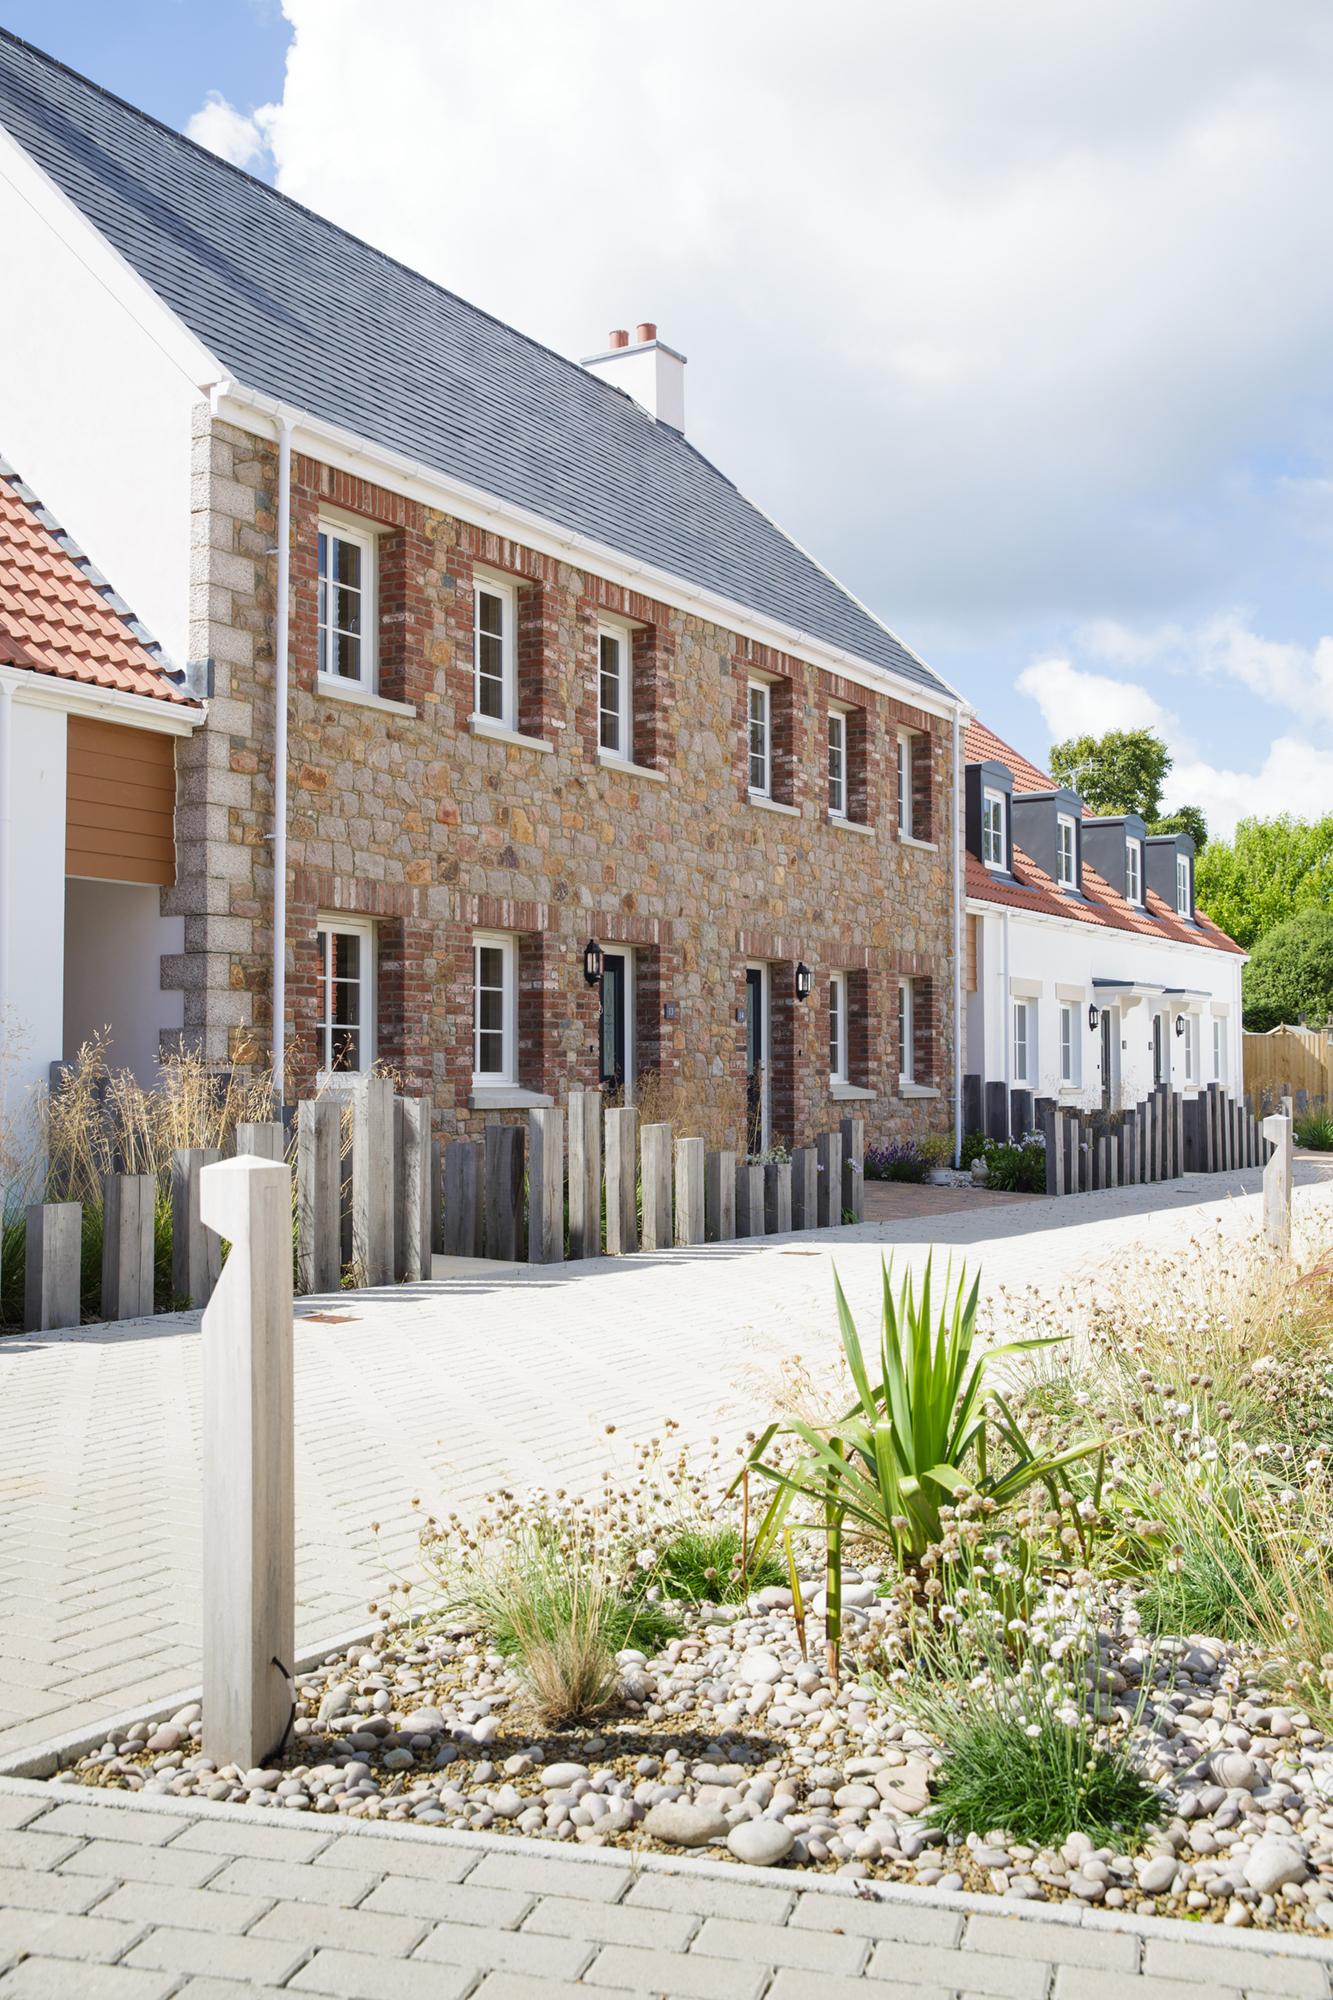 HAMEAU DE LA MER LANDSCAPE | St. Clement, Jersey | Axis Mason